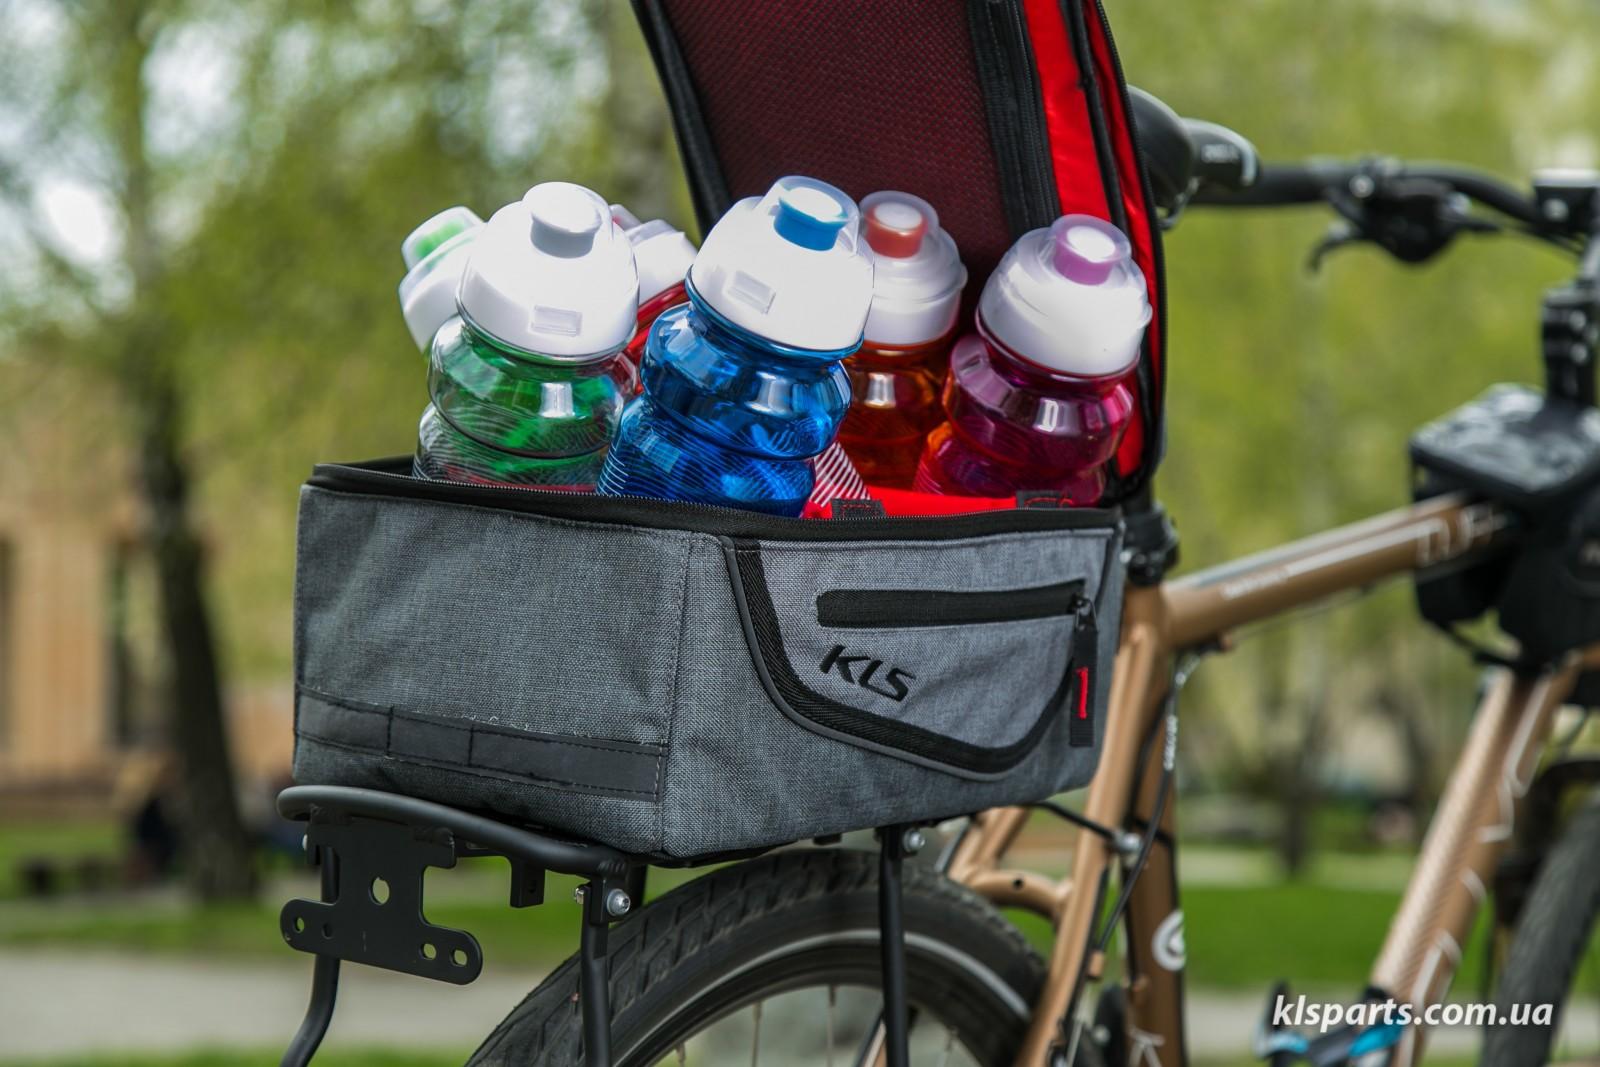 Велосипедна спортивна фляга KLS Tularosa